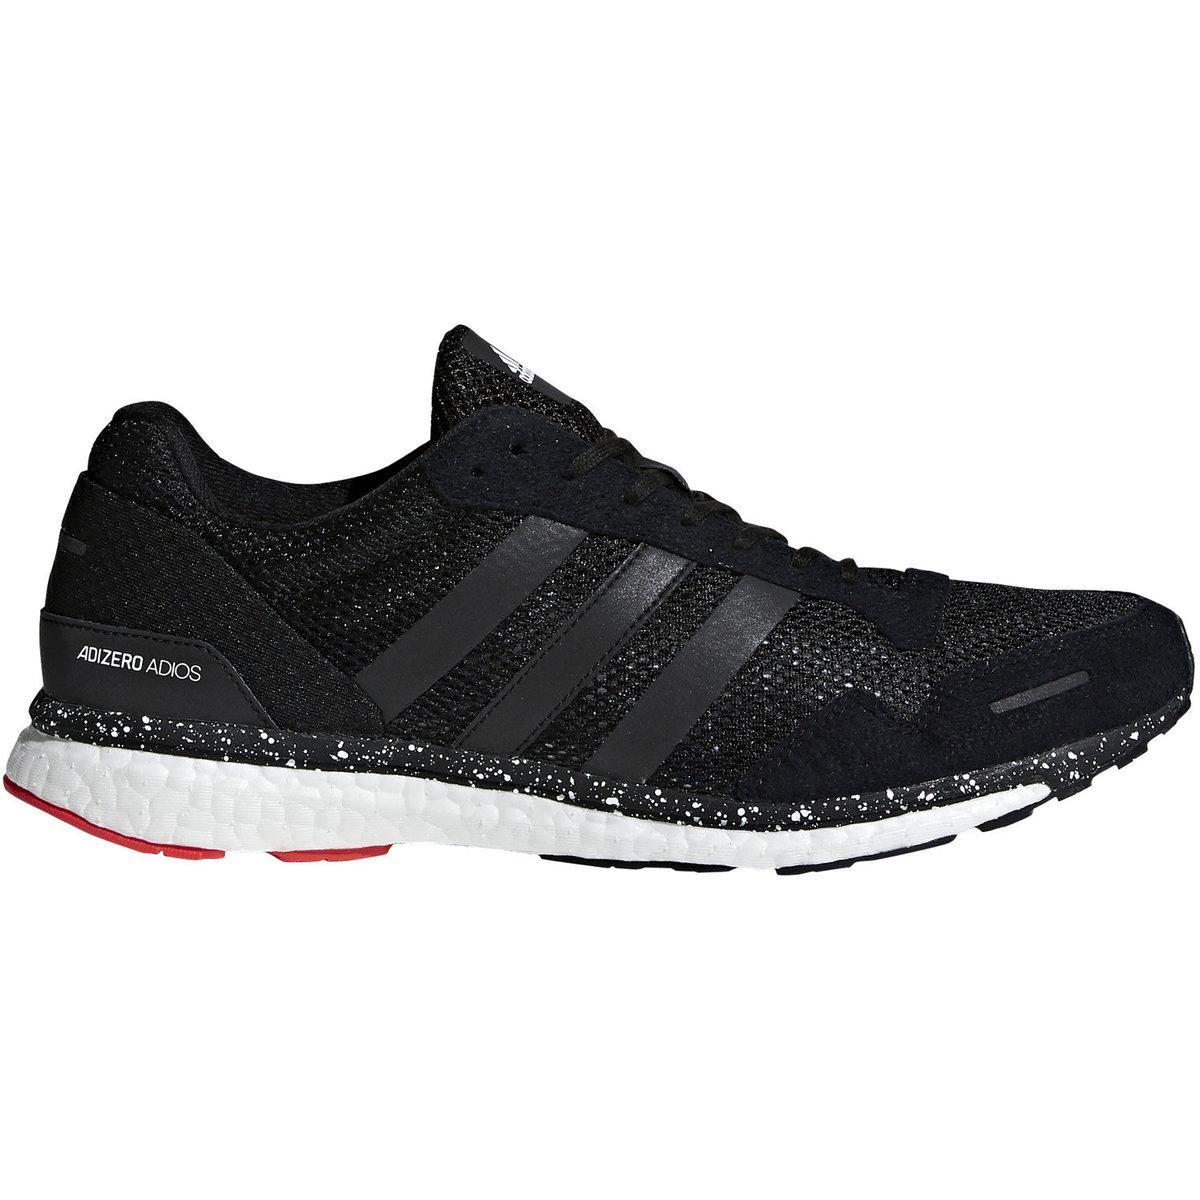 Lyst adidas adizero Adios 3 zapatos para hombres en color negro para los hombres